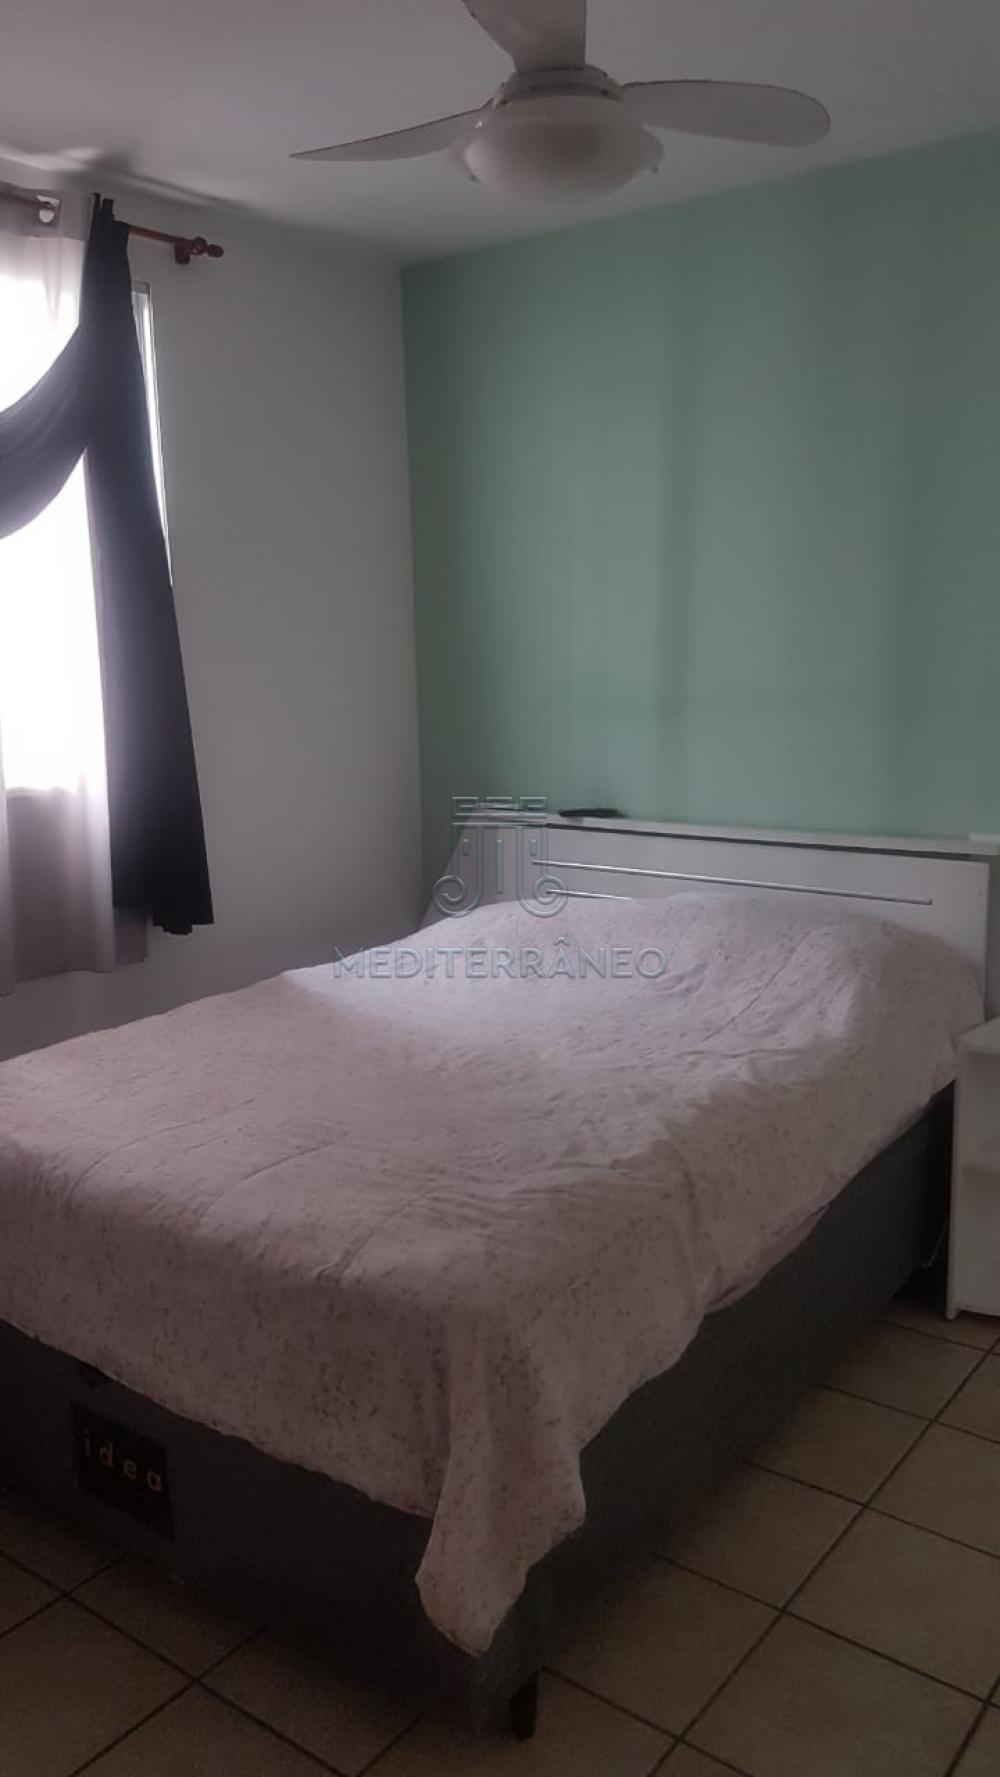 Alugar Apartamento / Padrão em Jundiaí apenas R$ 1.100,00 - Foto 3